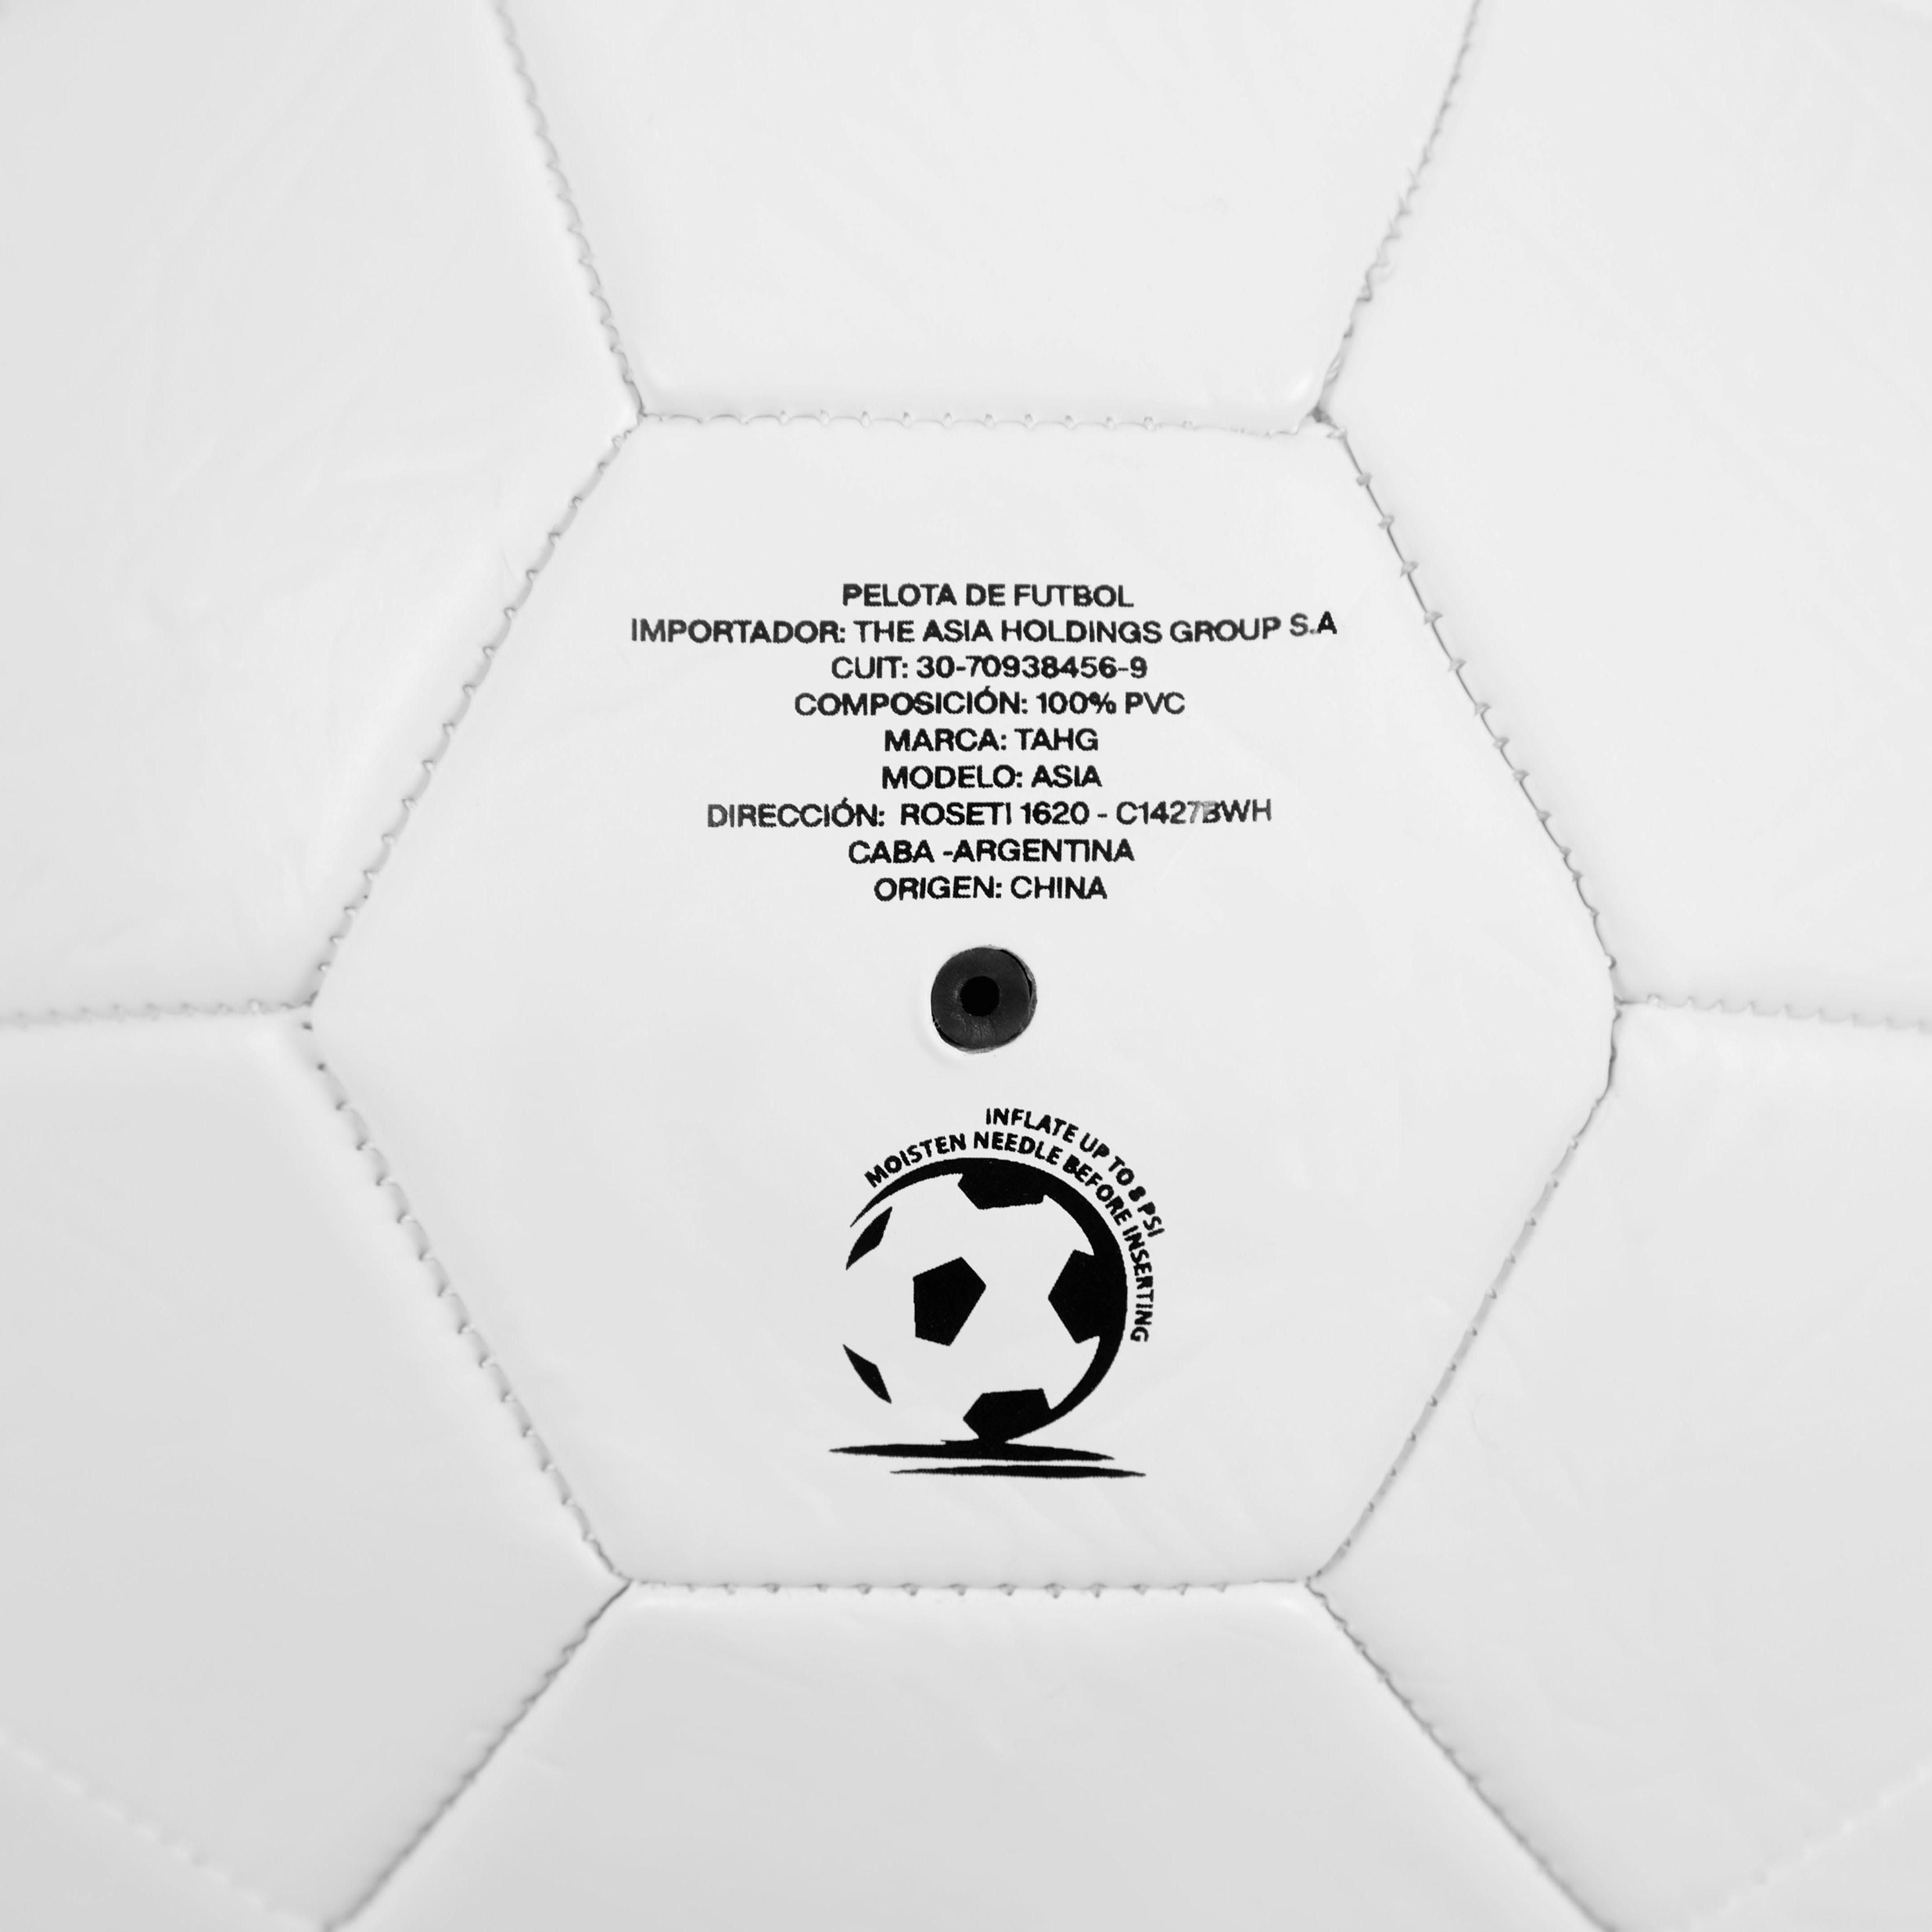 Pelota de Futbol ASIA